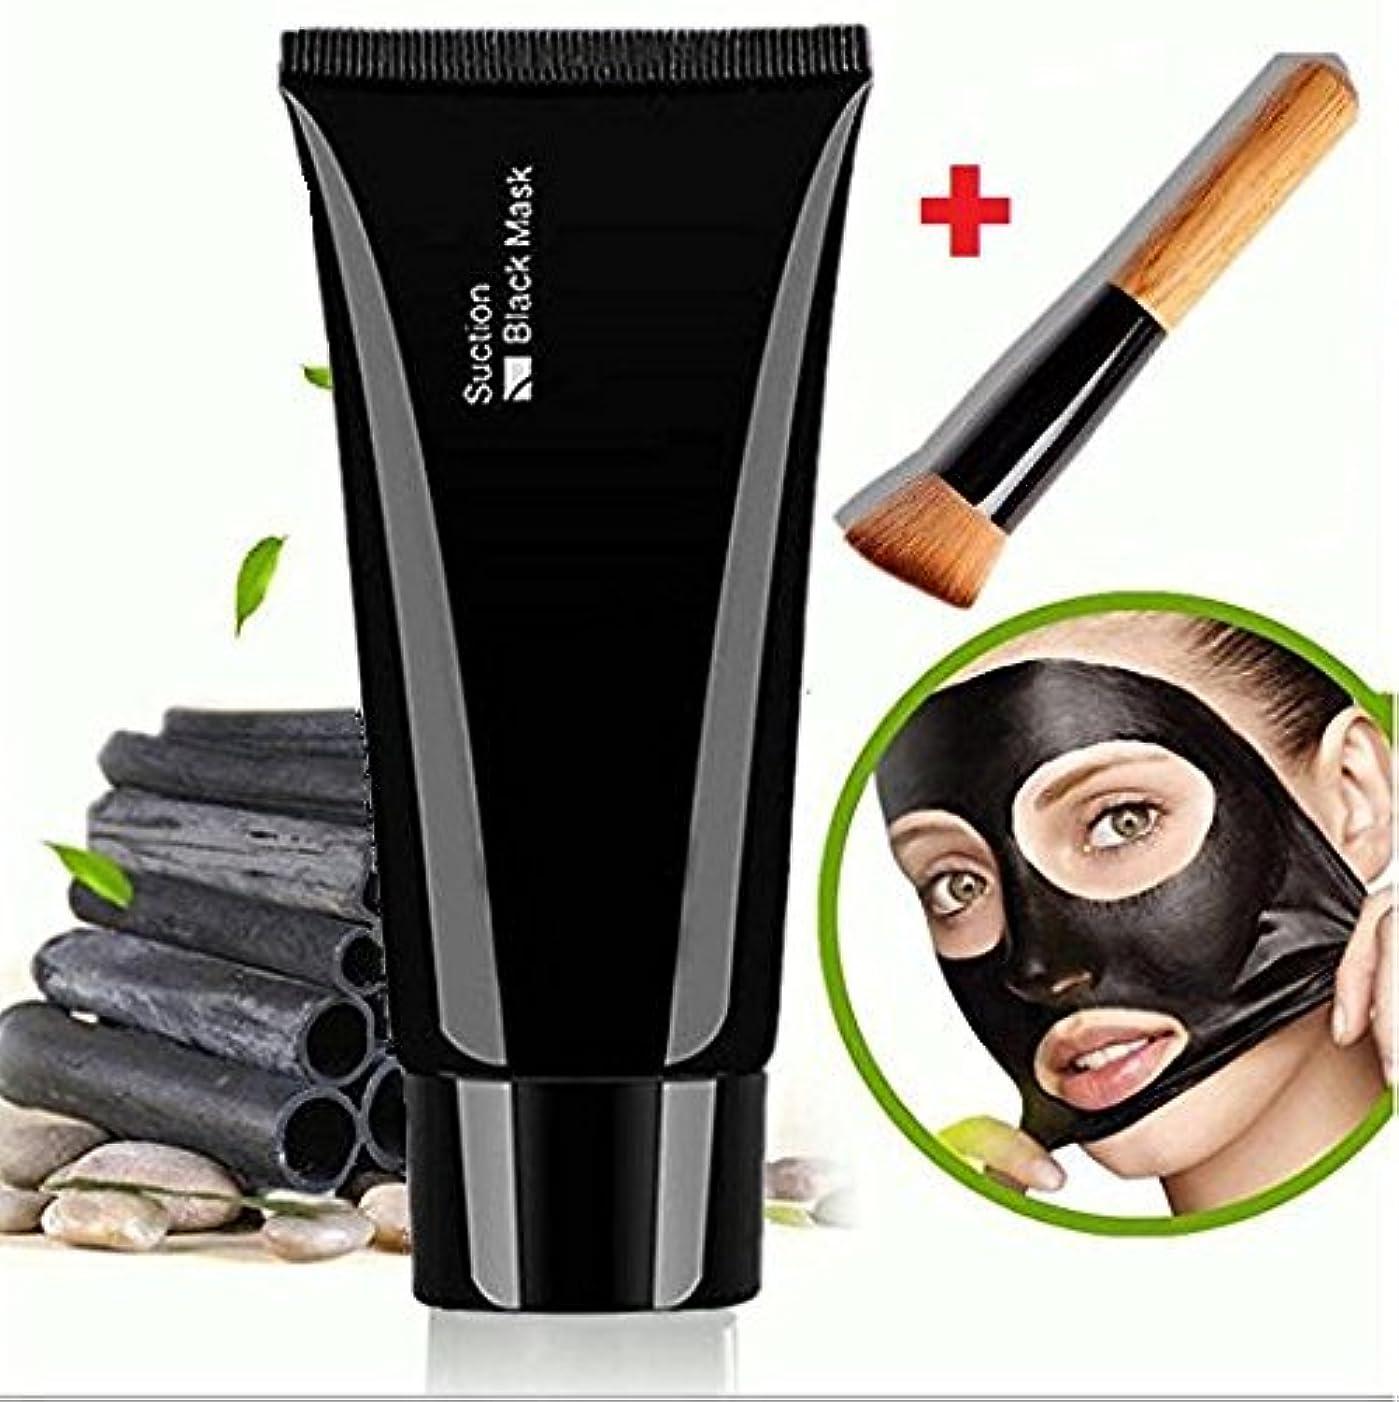 調子診療所杭Facial Mask Black, Face Apeel Cleansing Mask Deep Cleanser Blackhead Acne Remover Peel off Mask + Wooden Brush